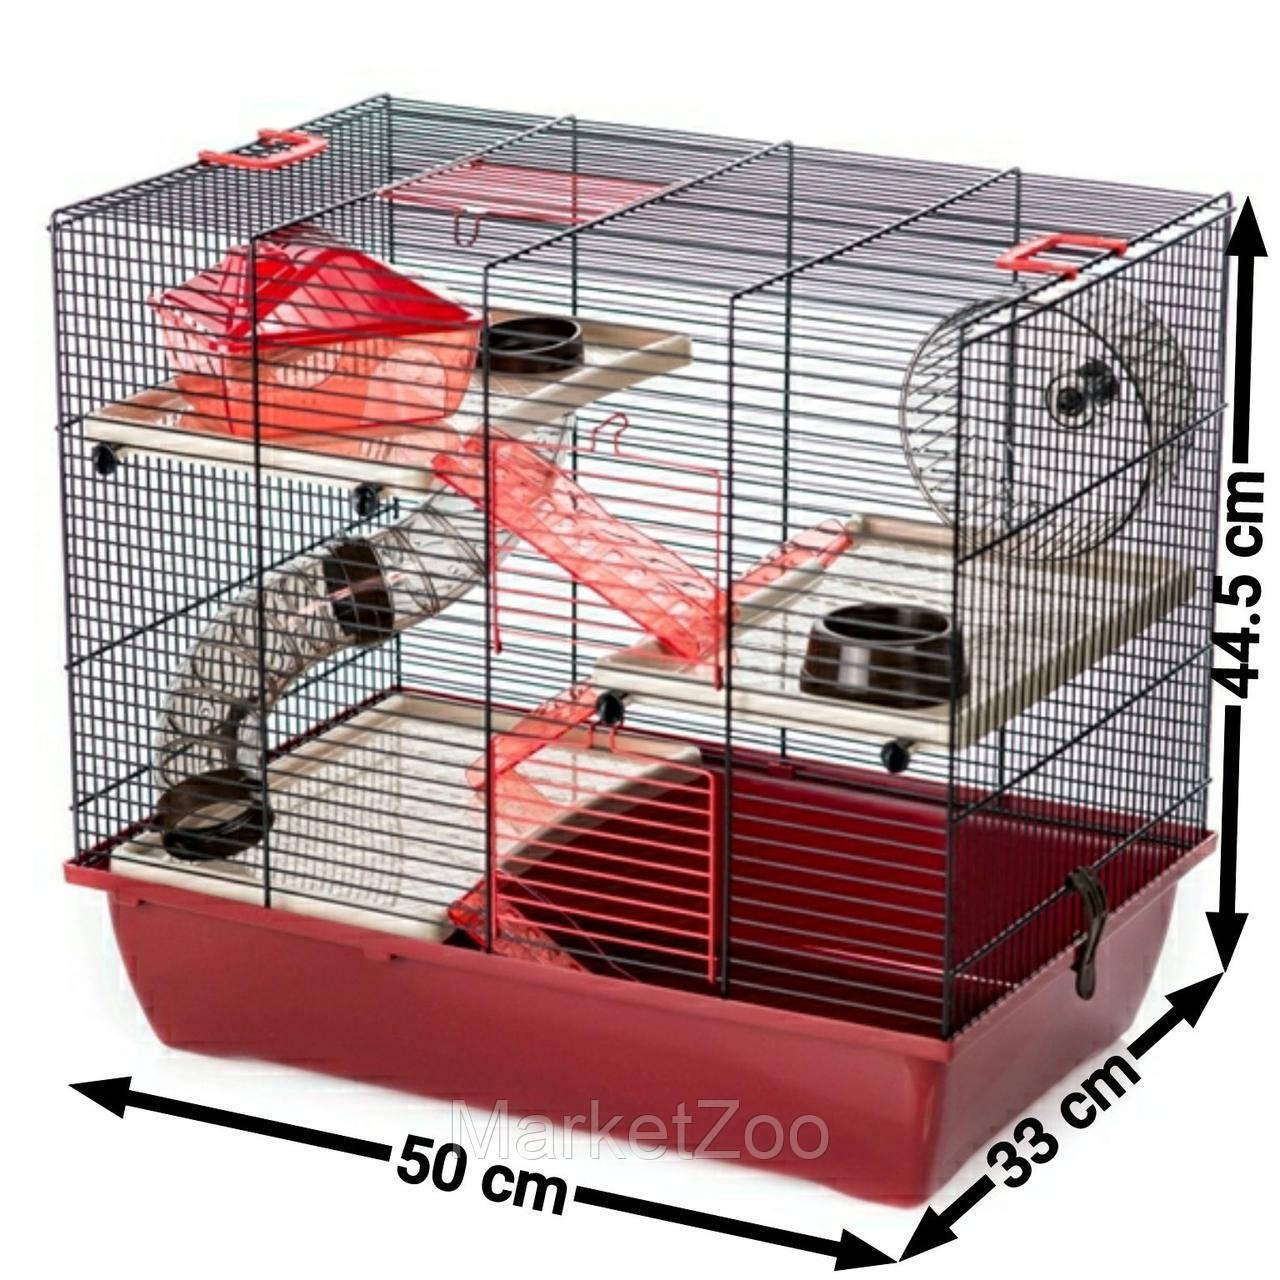 Клетка для хомяков с трубами PINKY 3 COLOR Inter Zoo G305 (500*330*445 мм)